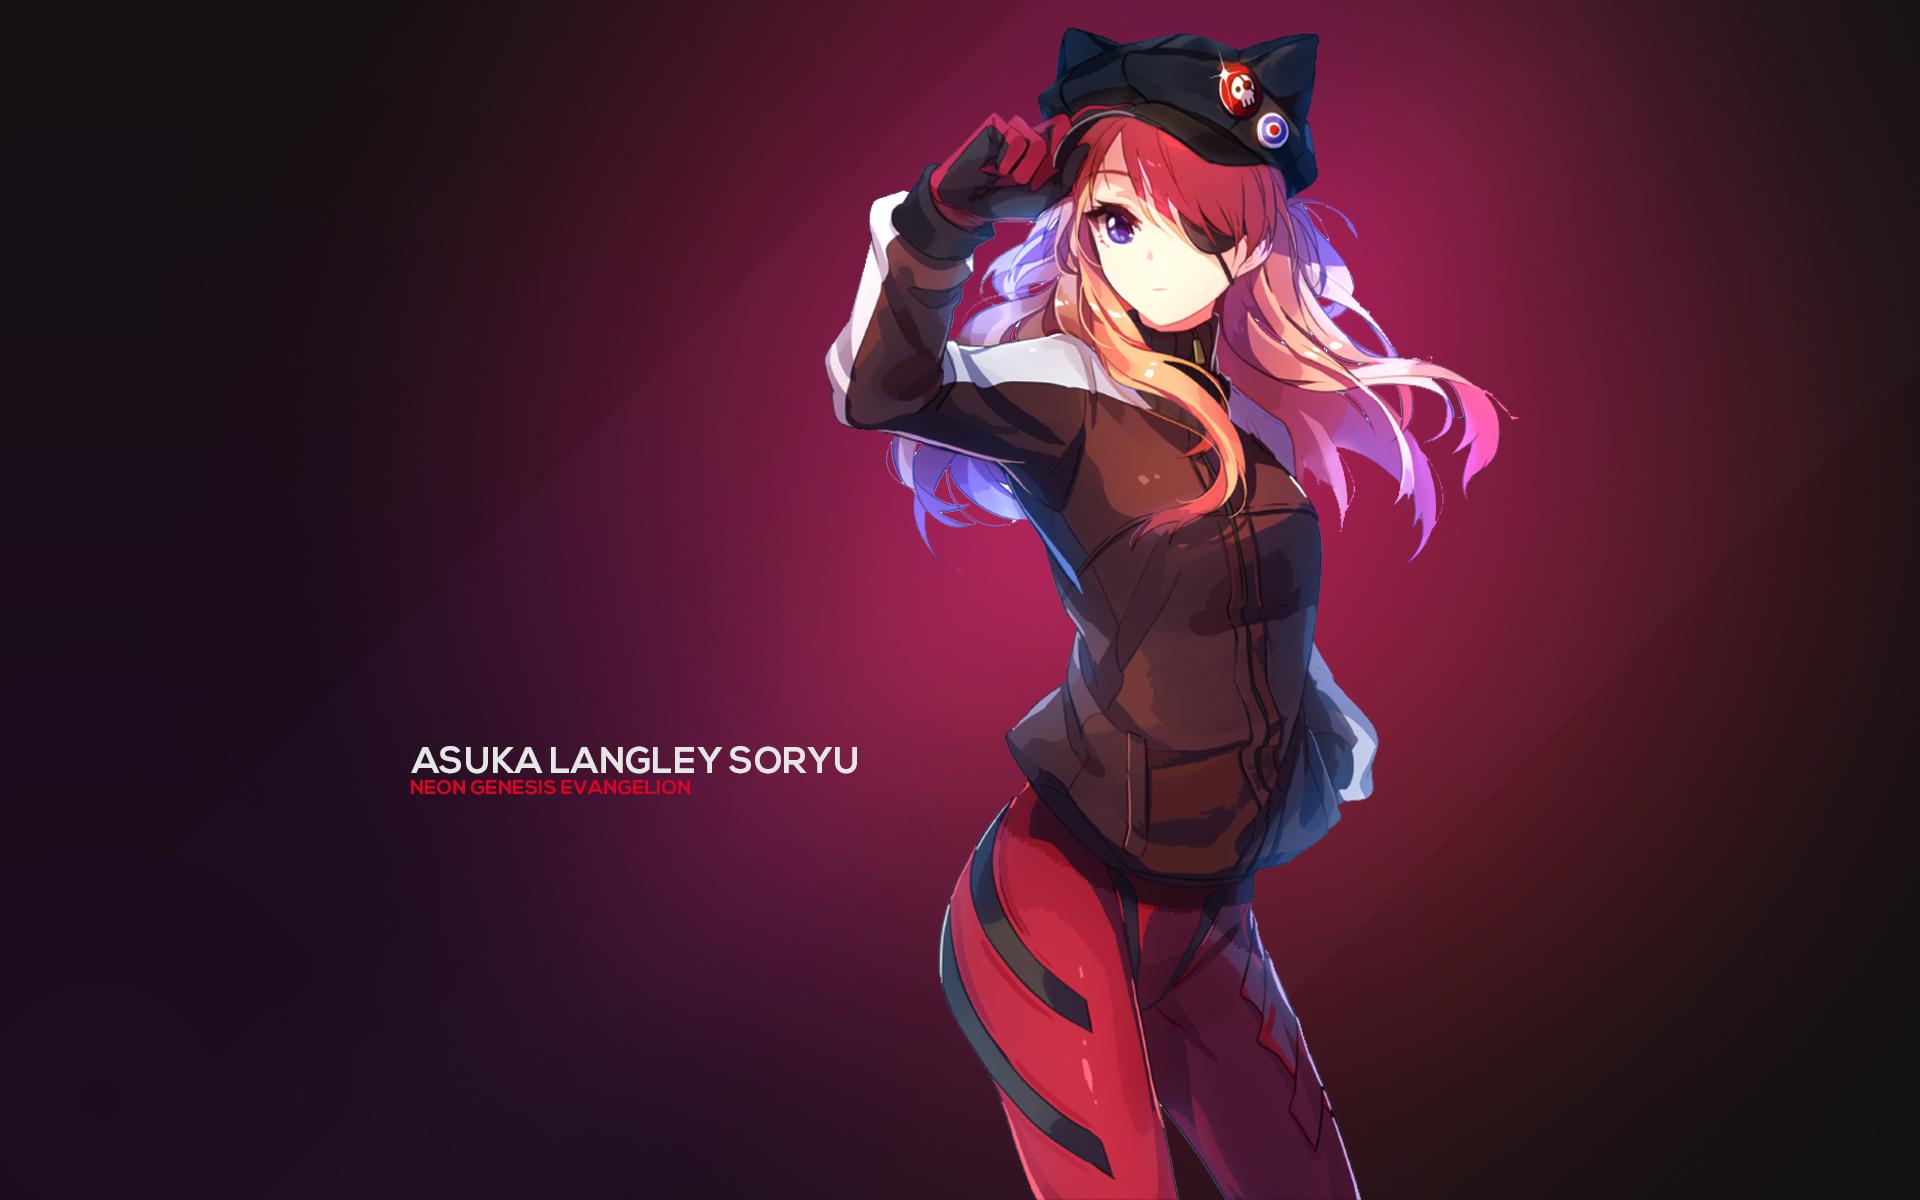 Asuka Langley Soryu Wallpaper, HD Anime 4K Wallpapers ...